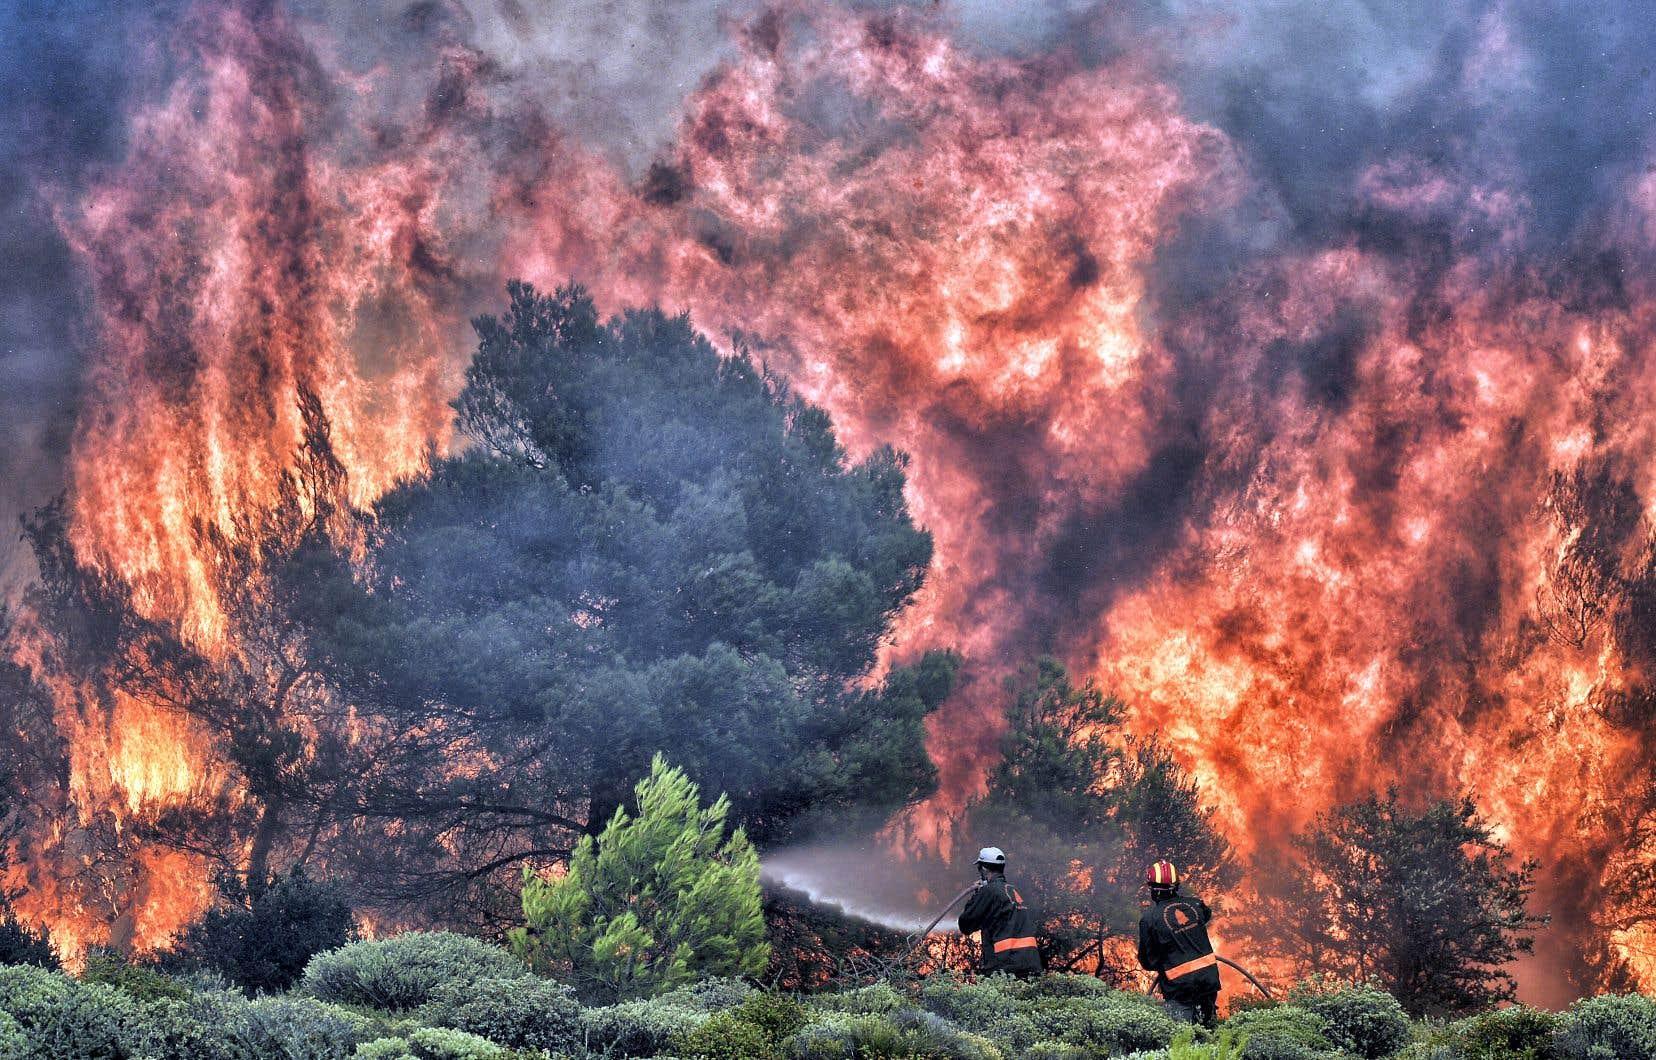 Des pompiers tentaient mardi d'éteindre un feu de forêt près du village de Kineta, près d'Athènes, en Grèce.